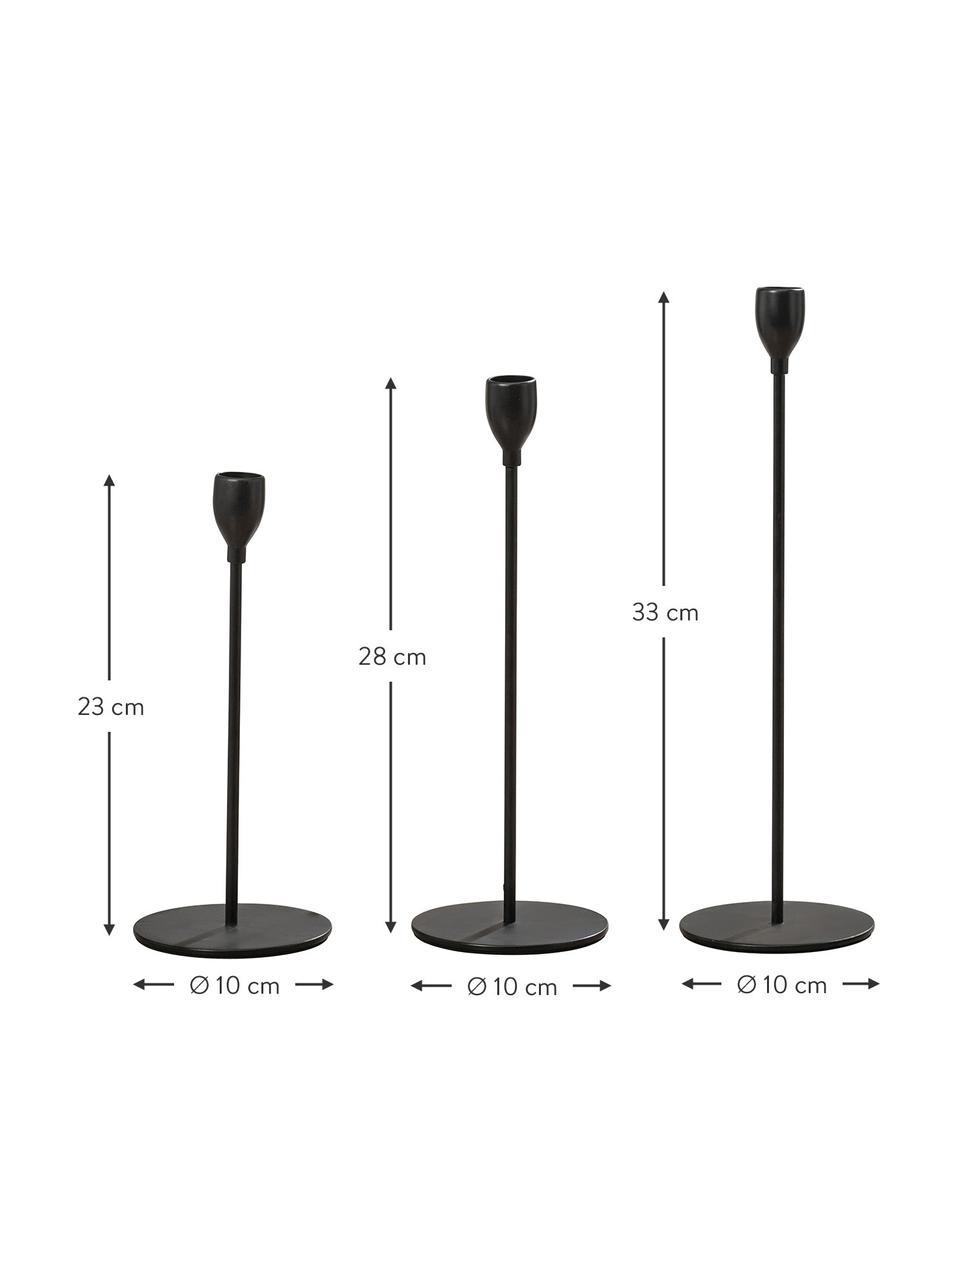 Komplet świeczników Malte, 3elem., Metal powlekany, Czarny, Komplet z różnymi rozmiarami